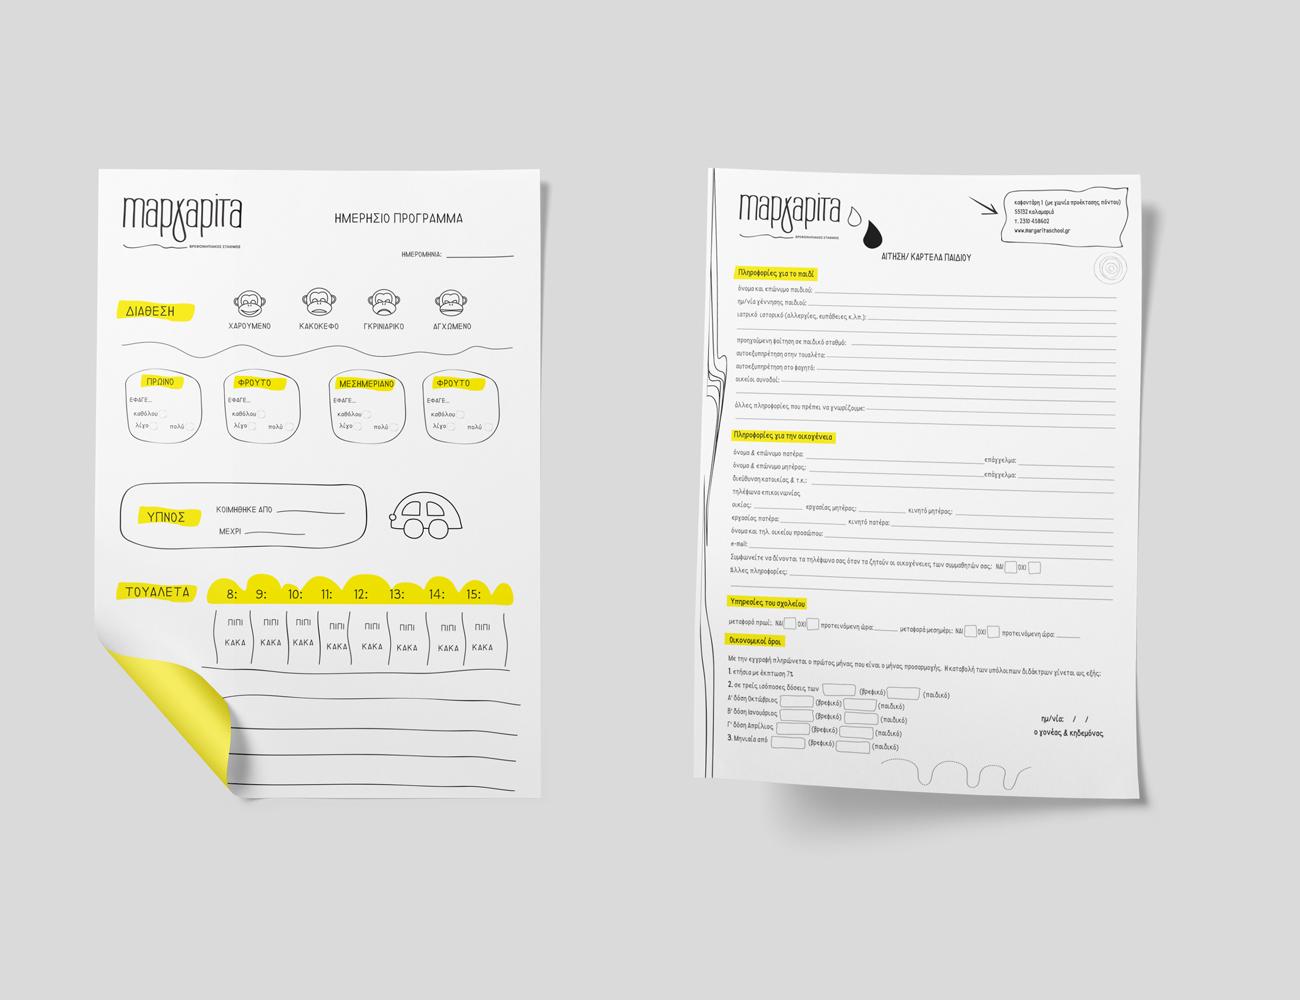 margaritaletterheaddesign2